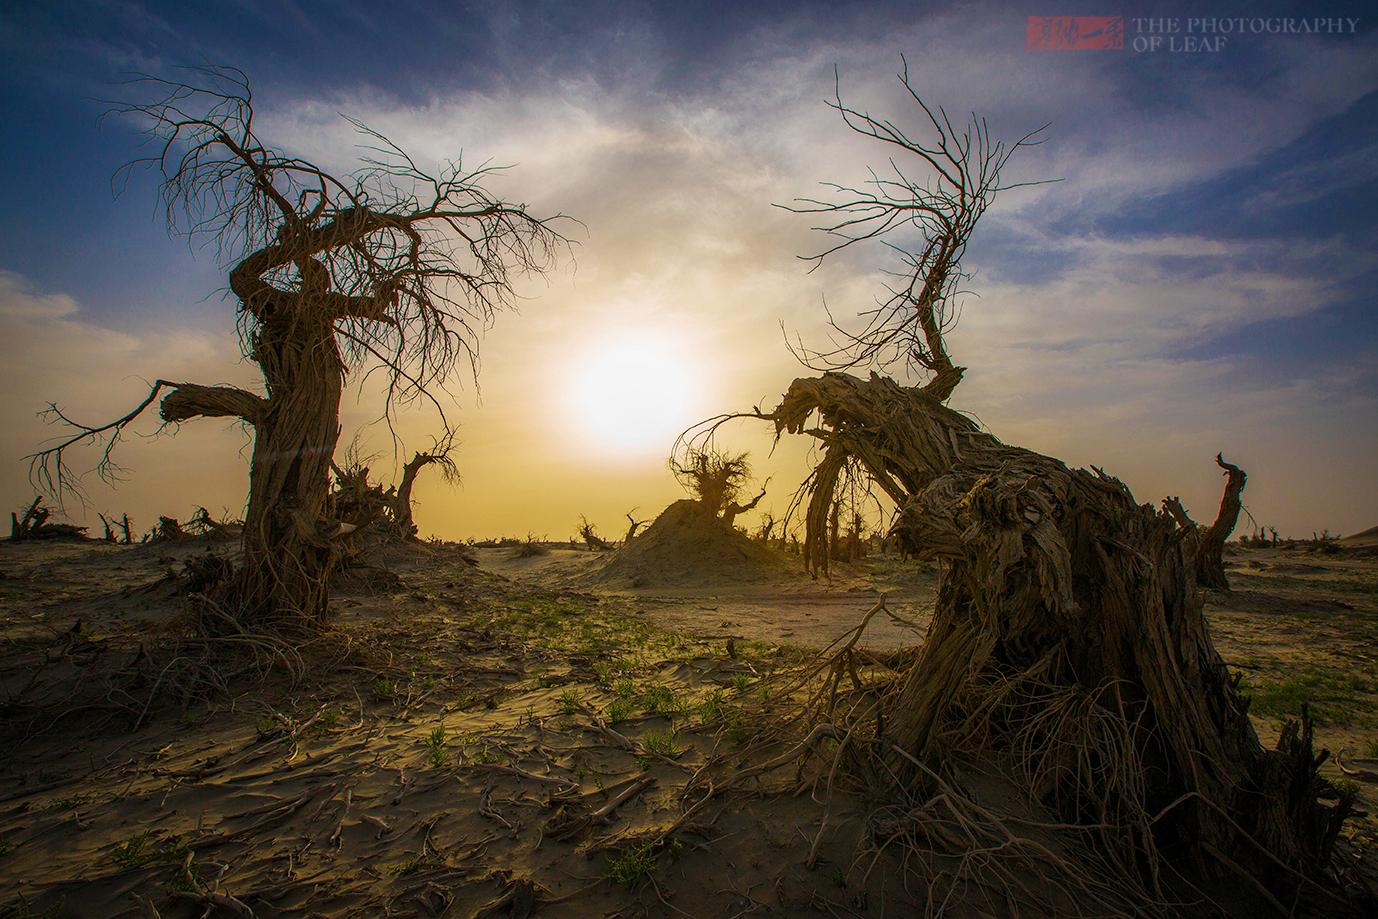 新疆塔克拉玛干沙漠深处,上万年的胡杨林整片枯死,死因成谜